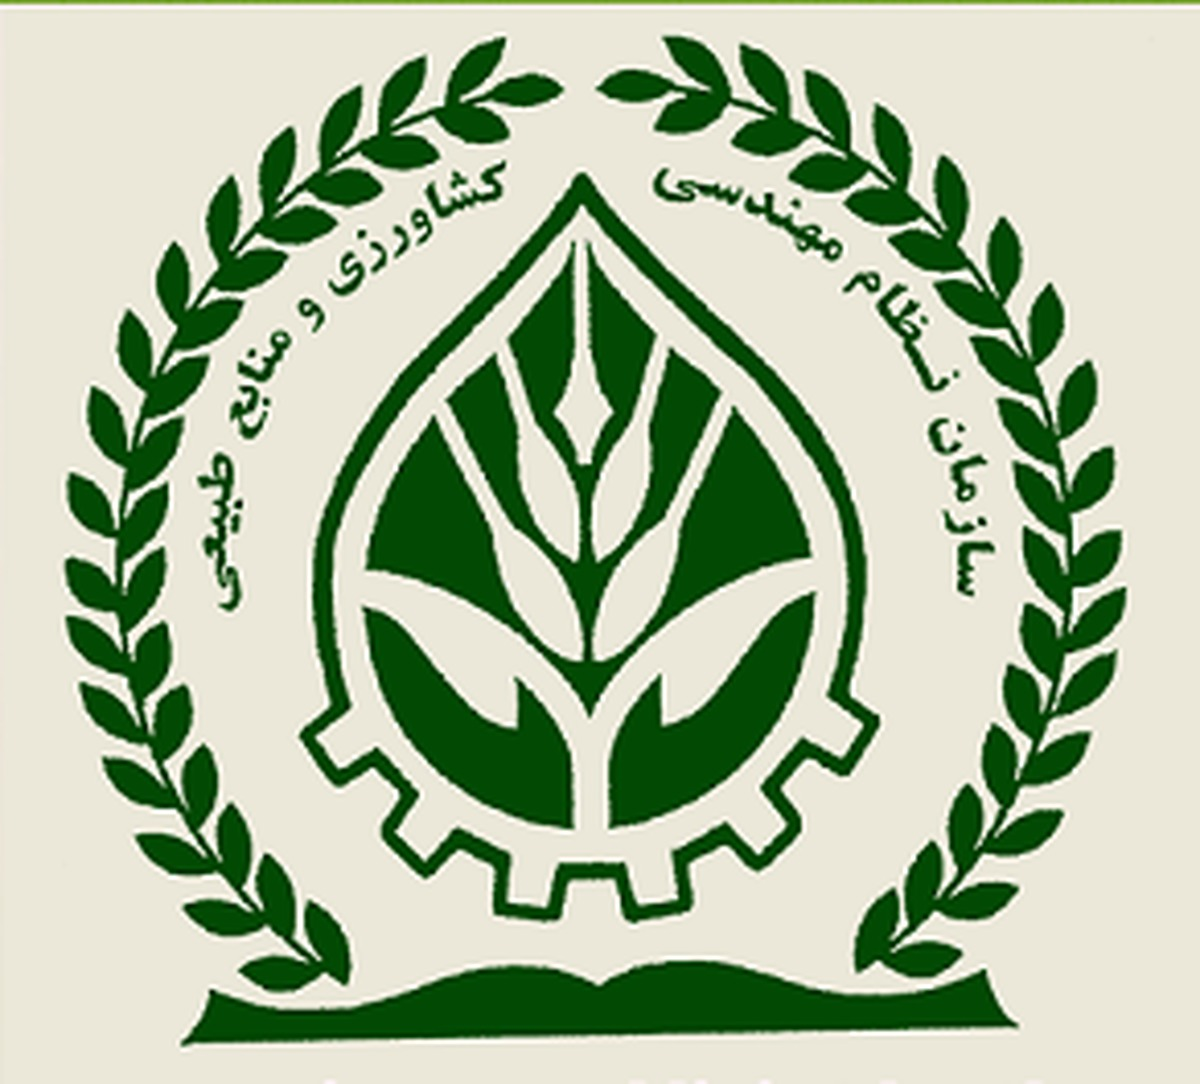 جایگاه اول یزد در اعتبار عضویت و پروانه اشتغال نظام مهندسی کشاورزی